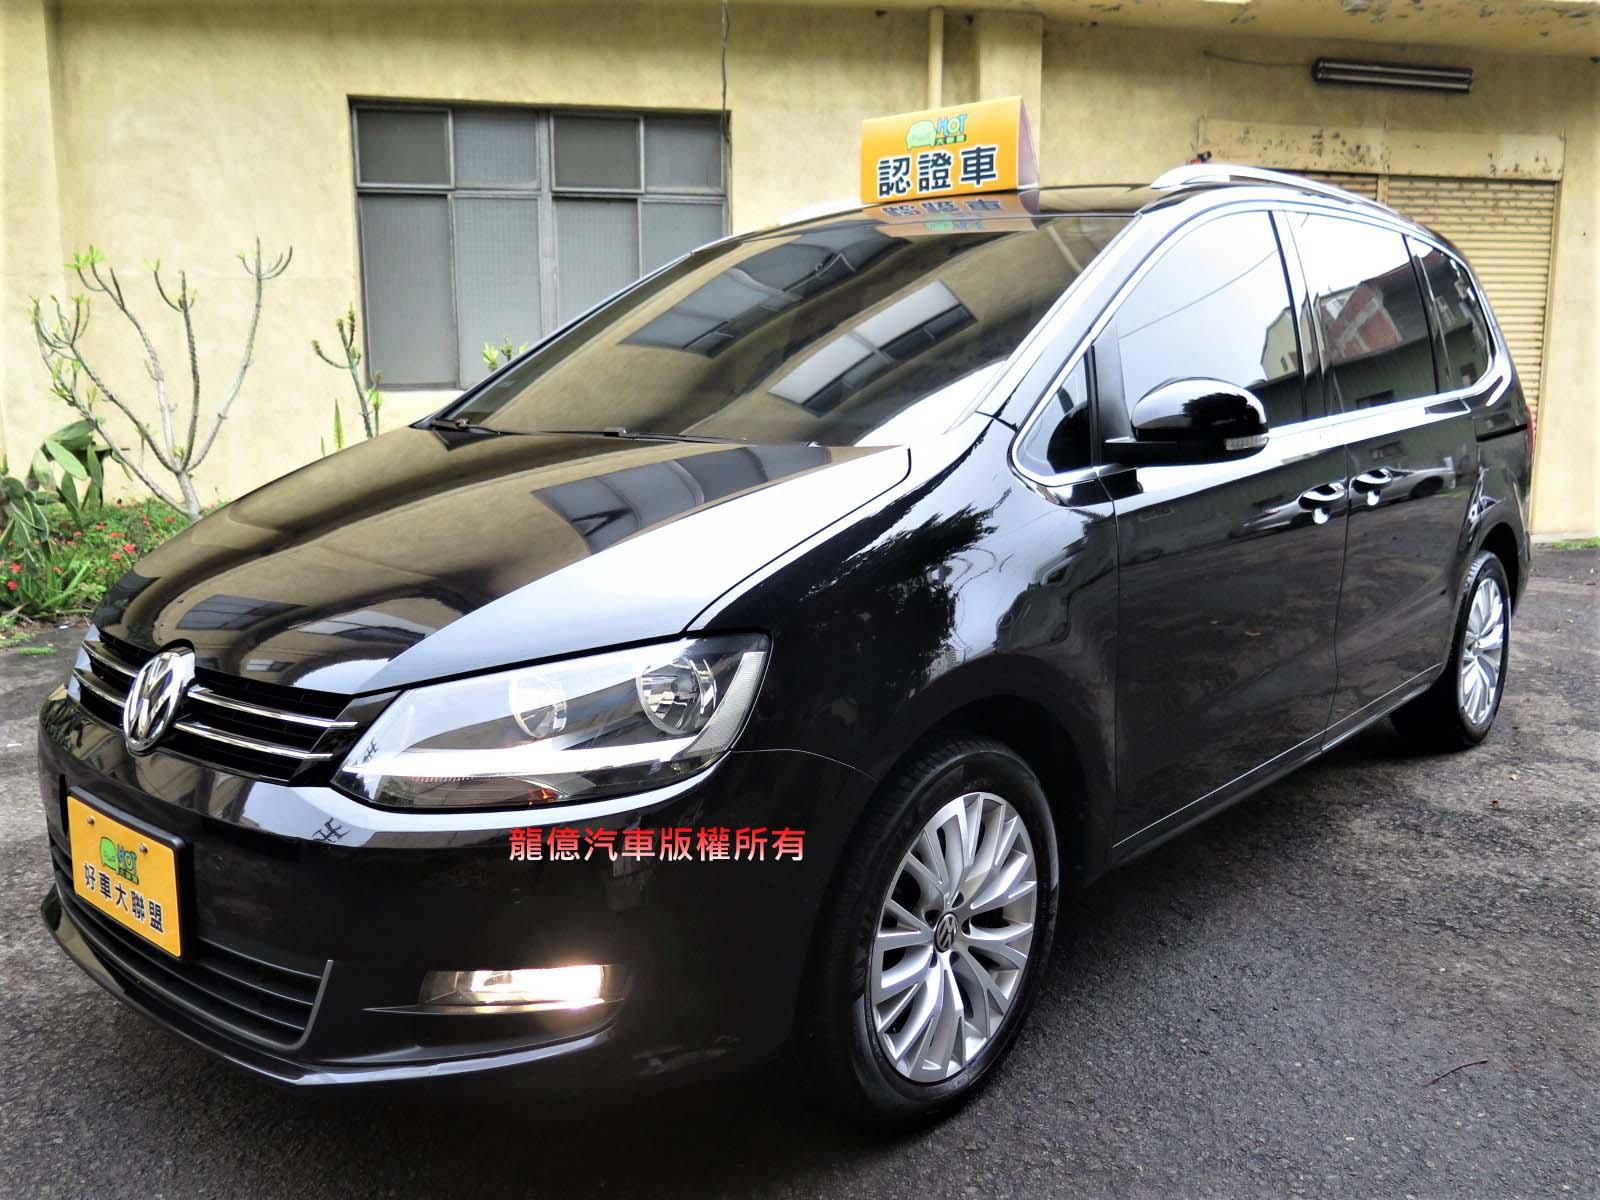 2017 Volkswagen 福斯 Sharan